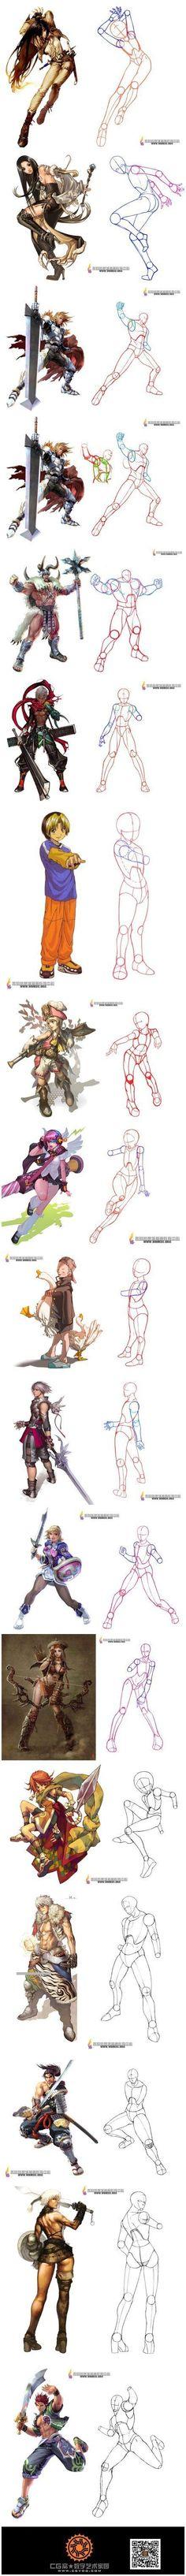 骨骼提炼案例,帮助人体不好的同学,化繁为...@原画梦采集到作画教程(359图)_花瓣插画